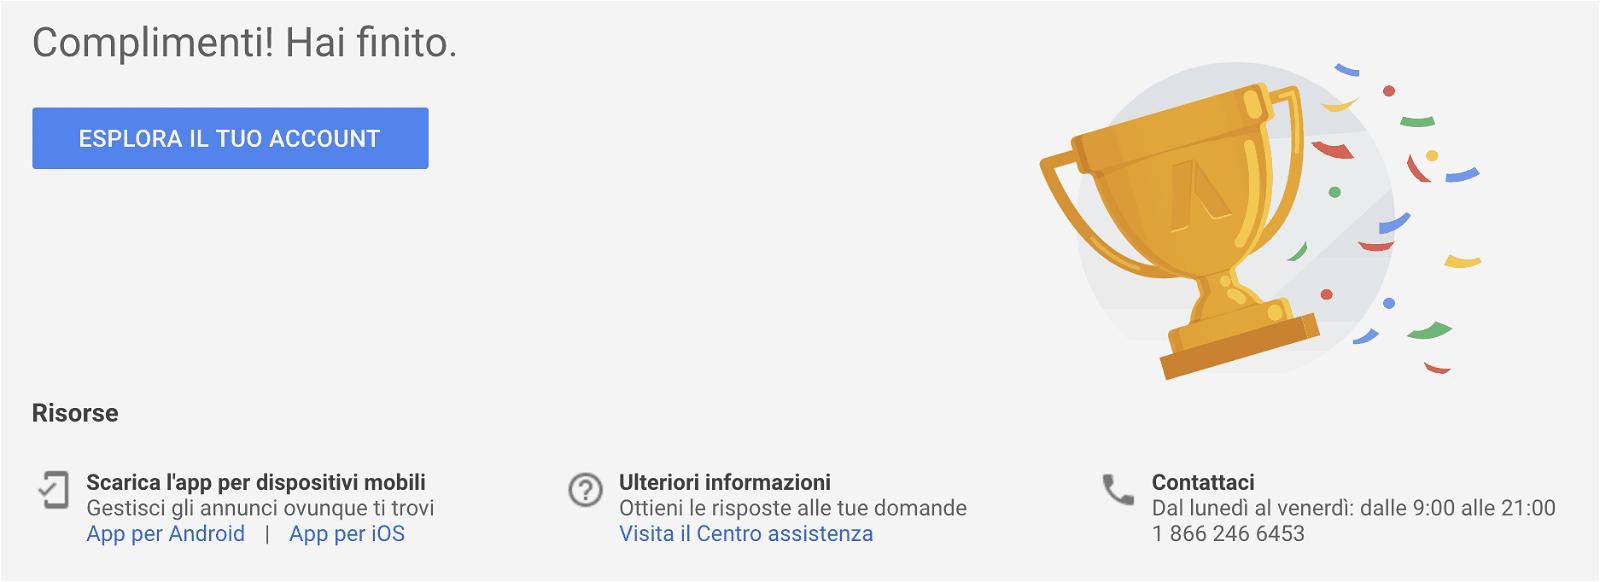 configurazione account google ads terminata